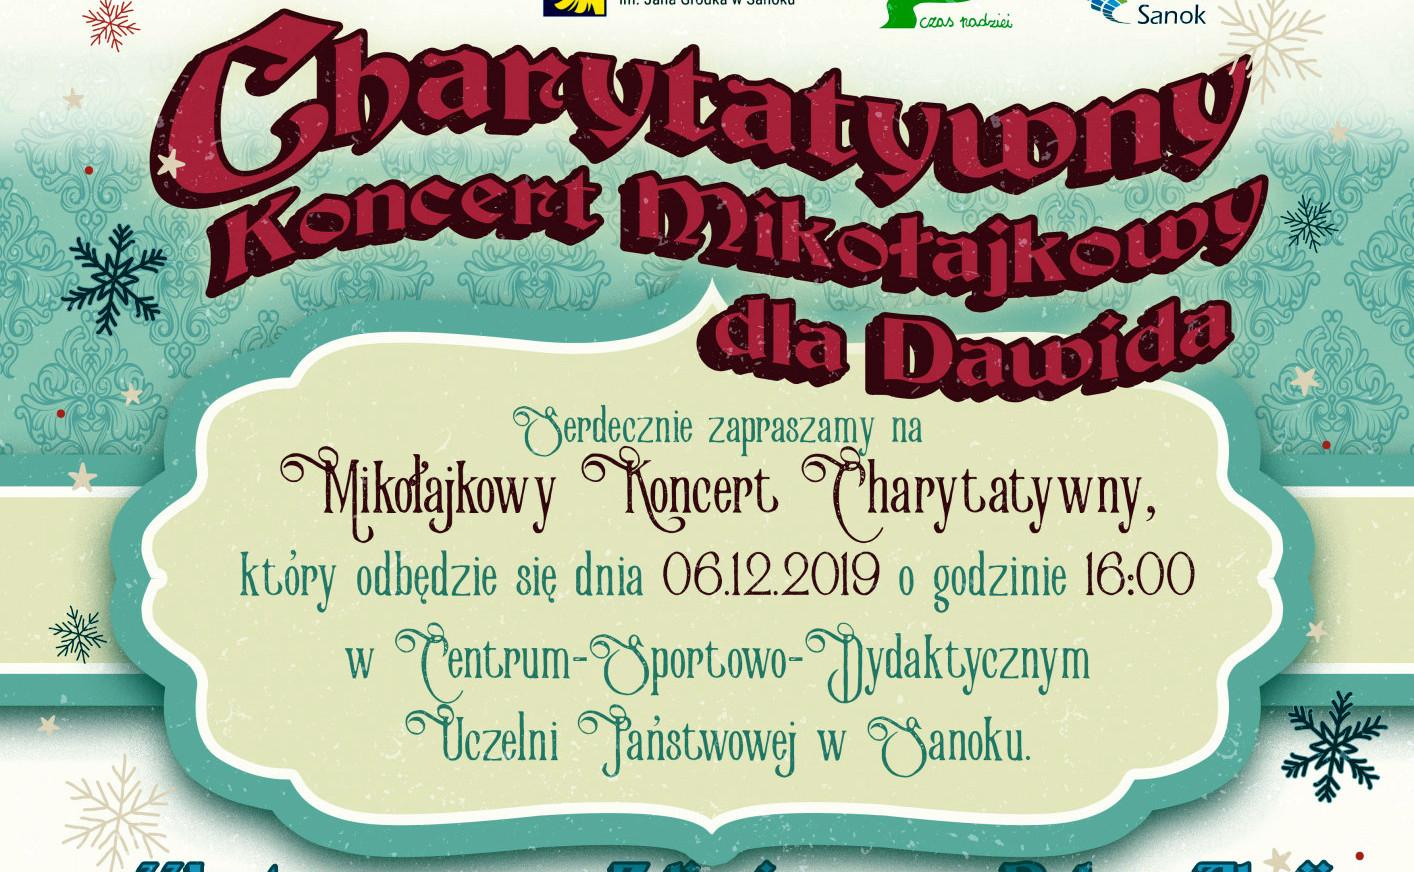 Charytatywny mikołajkowy koncert dla Dawida Radziejewskiego - Zdjęcie główne